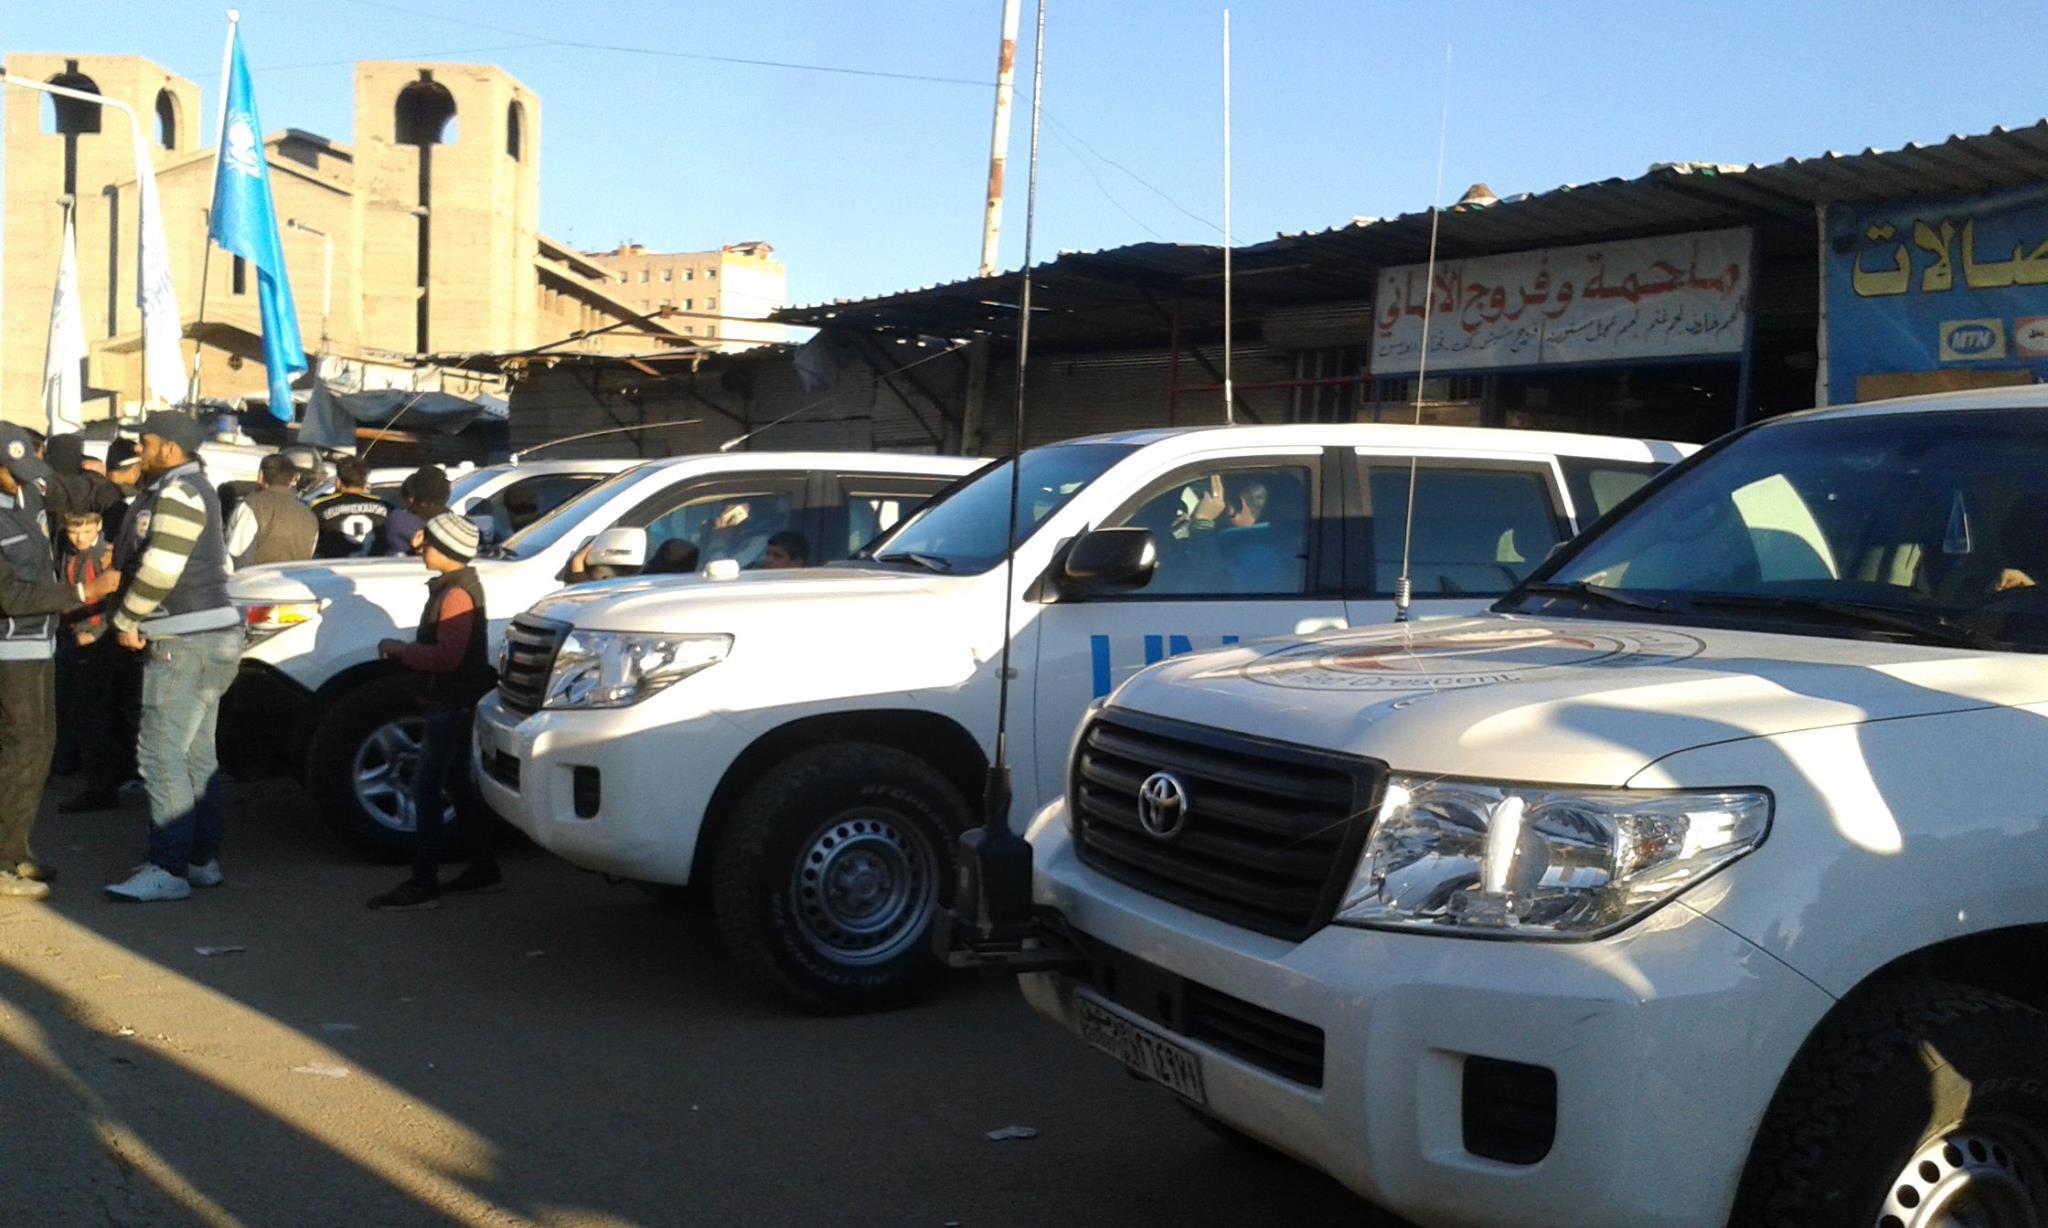 وصل وفد من الأمم المتحدة إلى الوعر قبل وصول قافلة الإغاثة